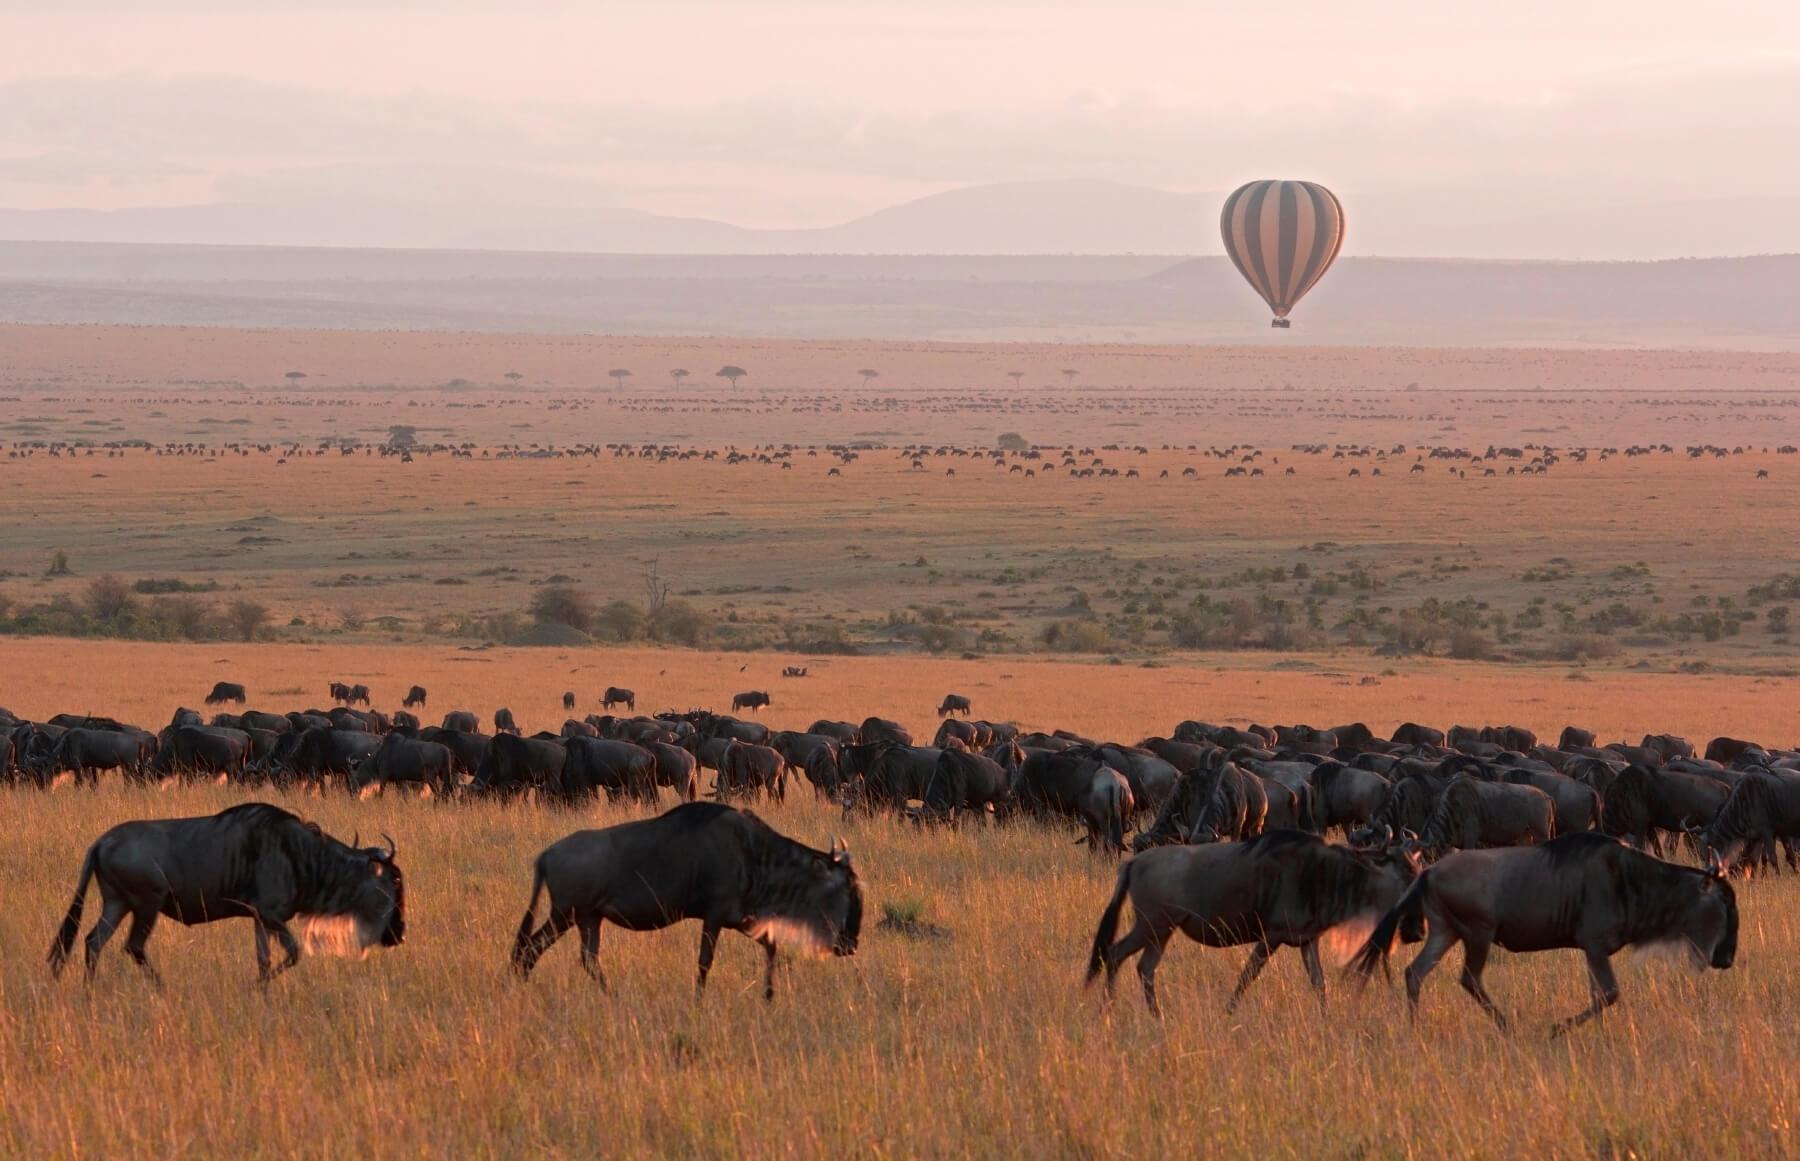 Ballonfahrten über der Masai Mara